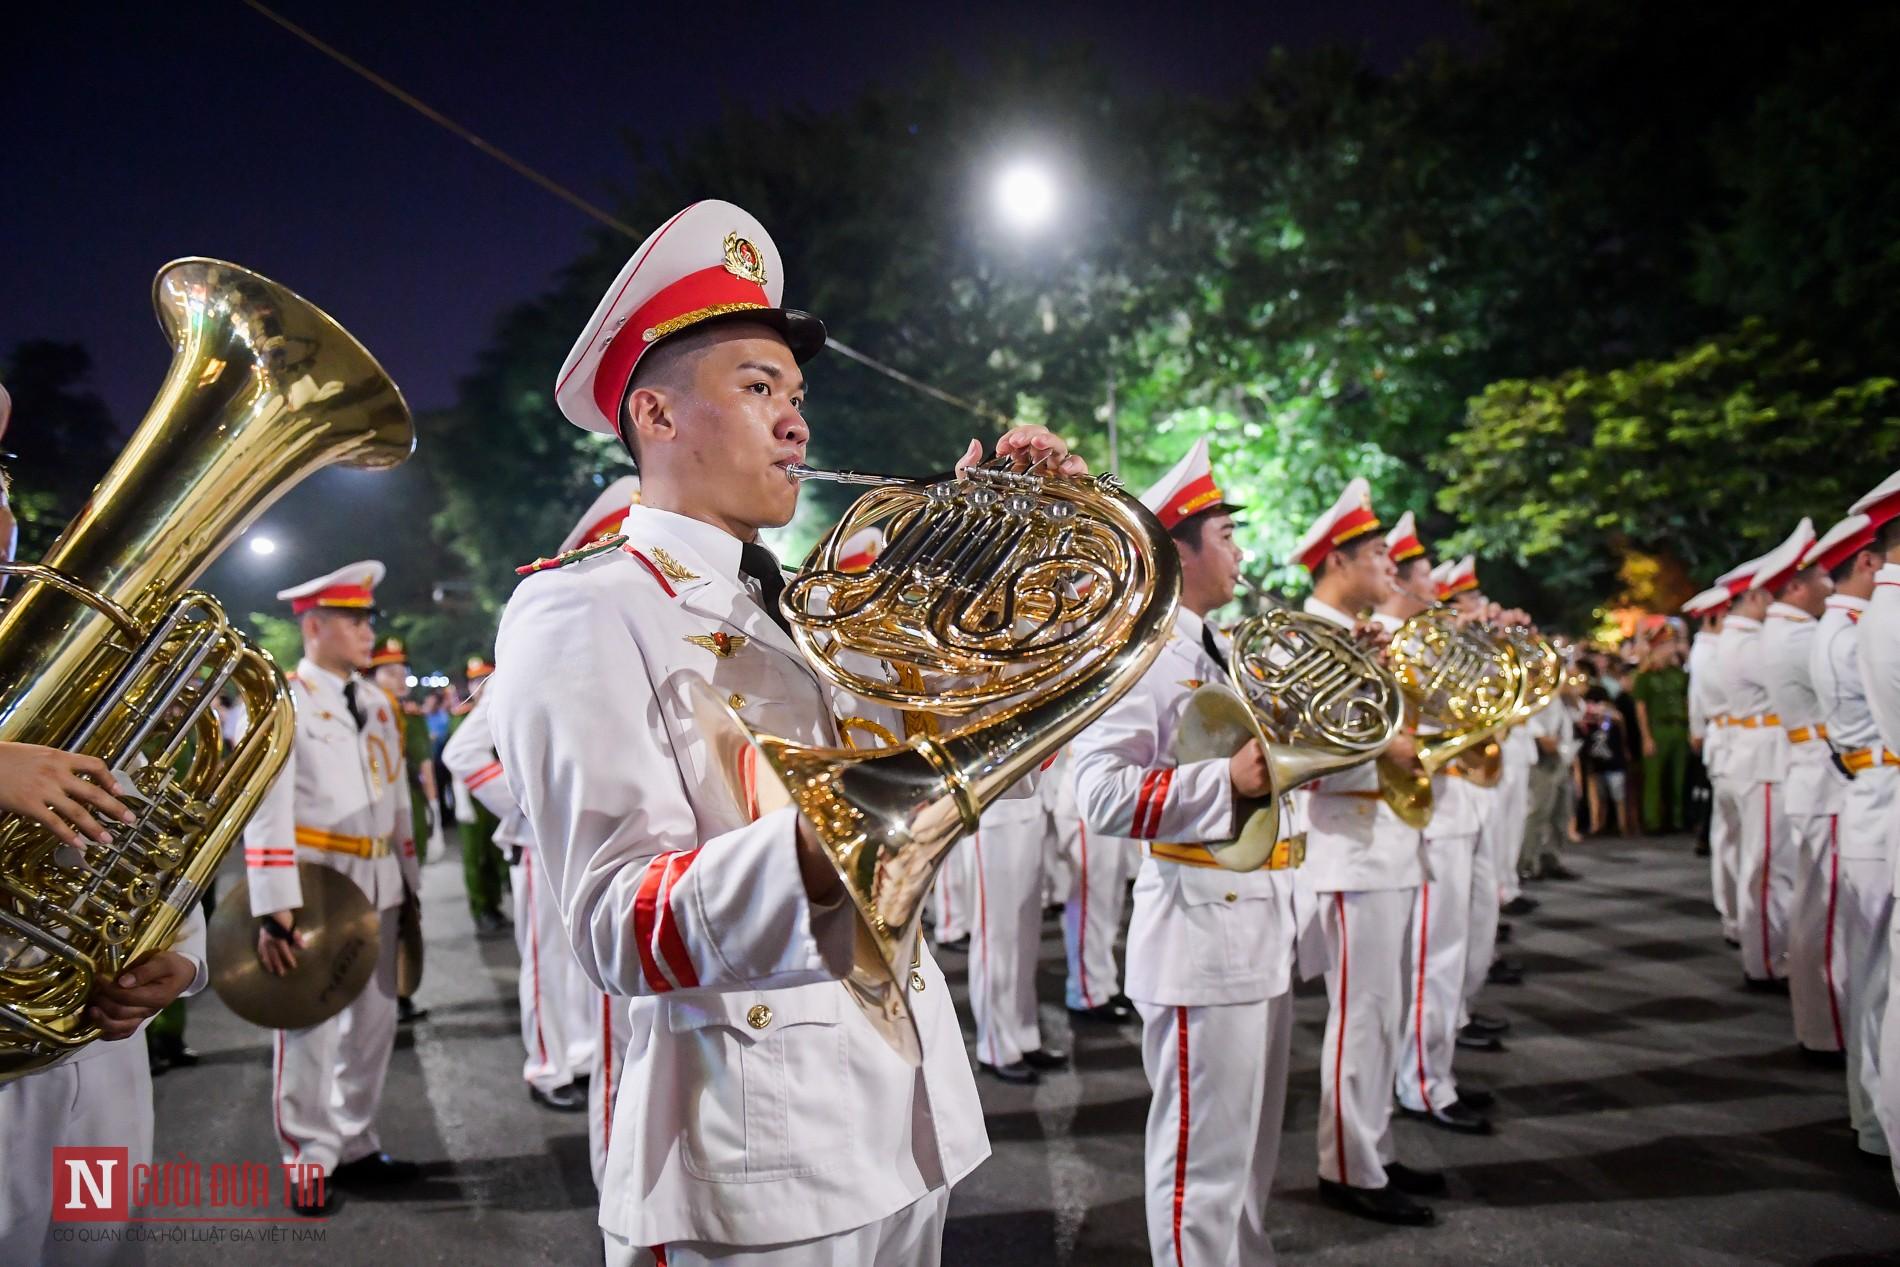 Đoàn nghi lễ Công an Nhân dân lần đầu tiên diểu diễn tại phố đi bộ hồ Hoàn Kiếm 15